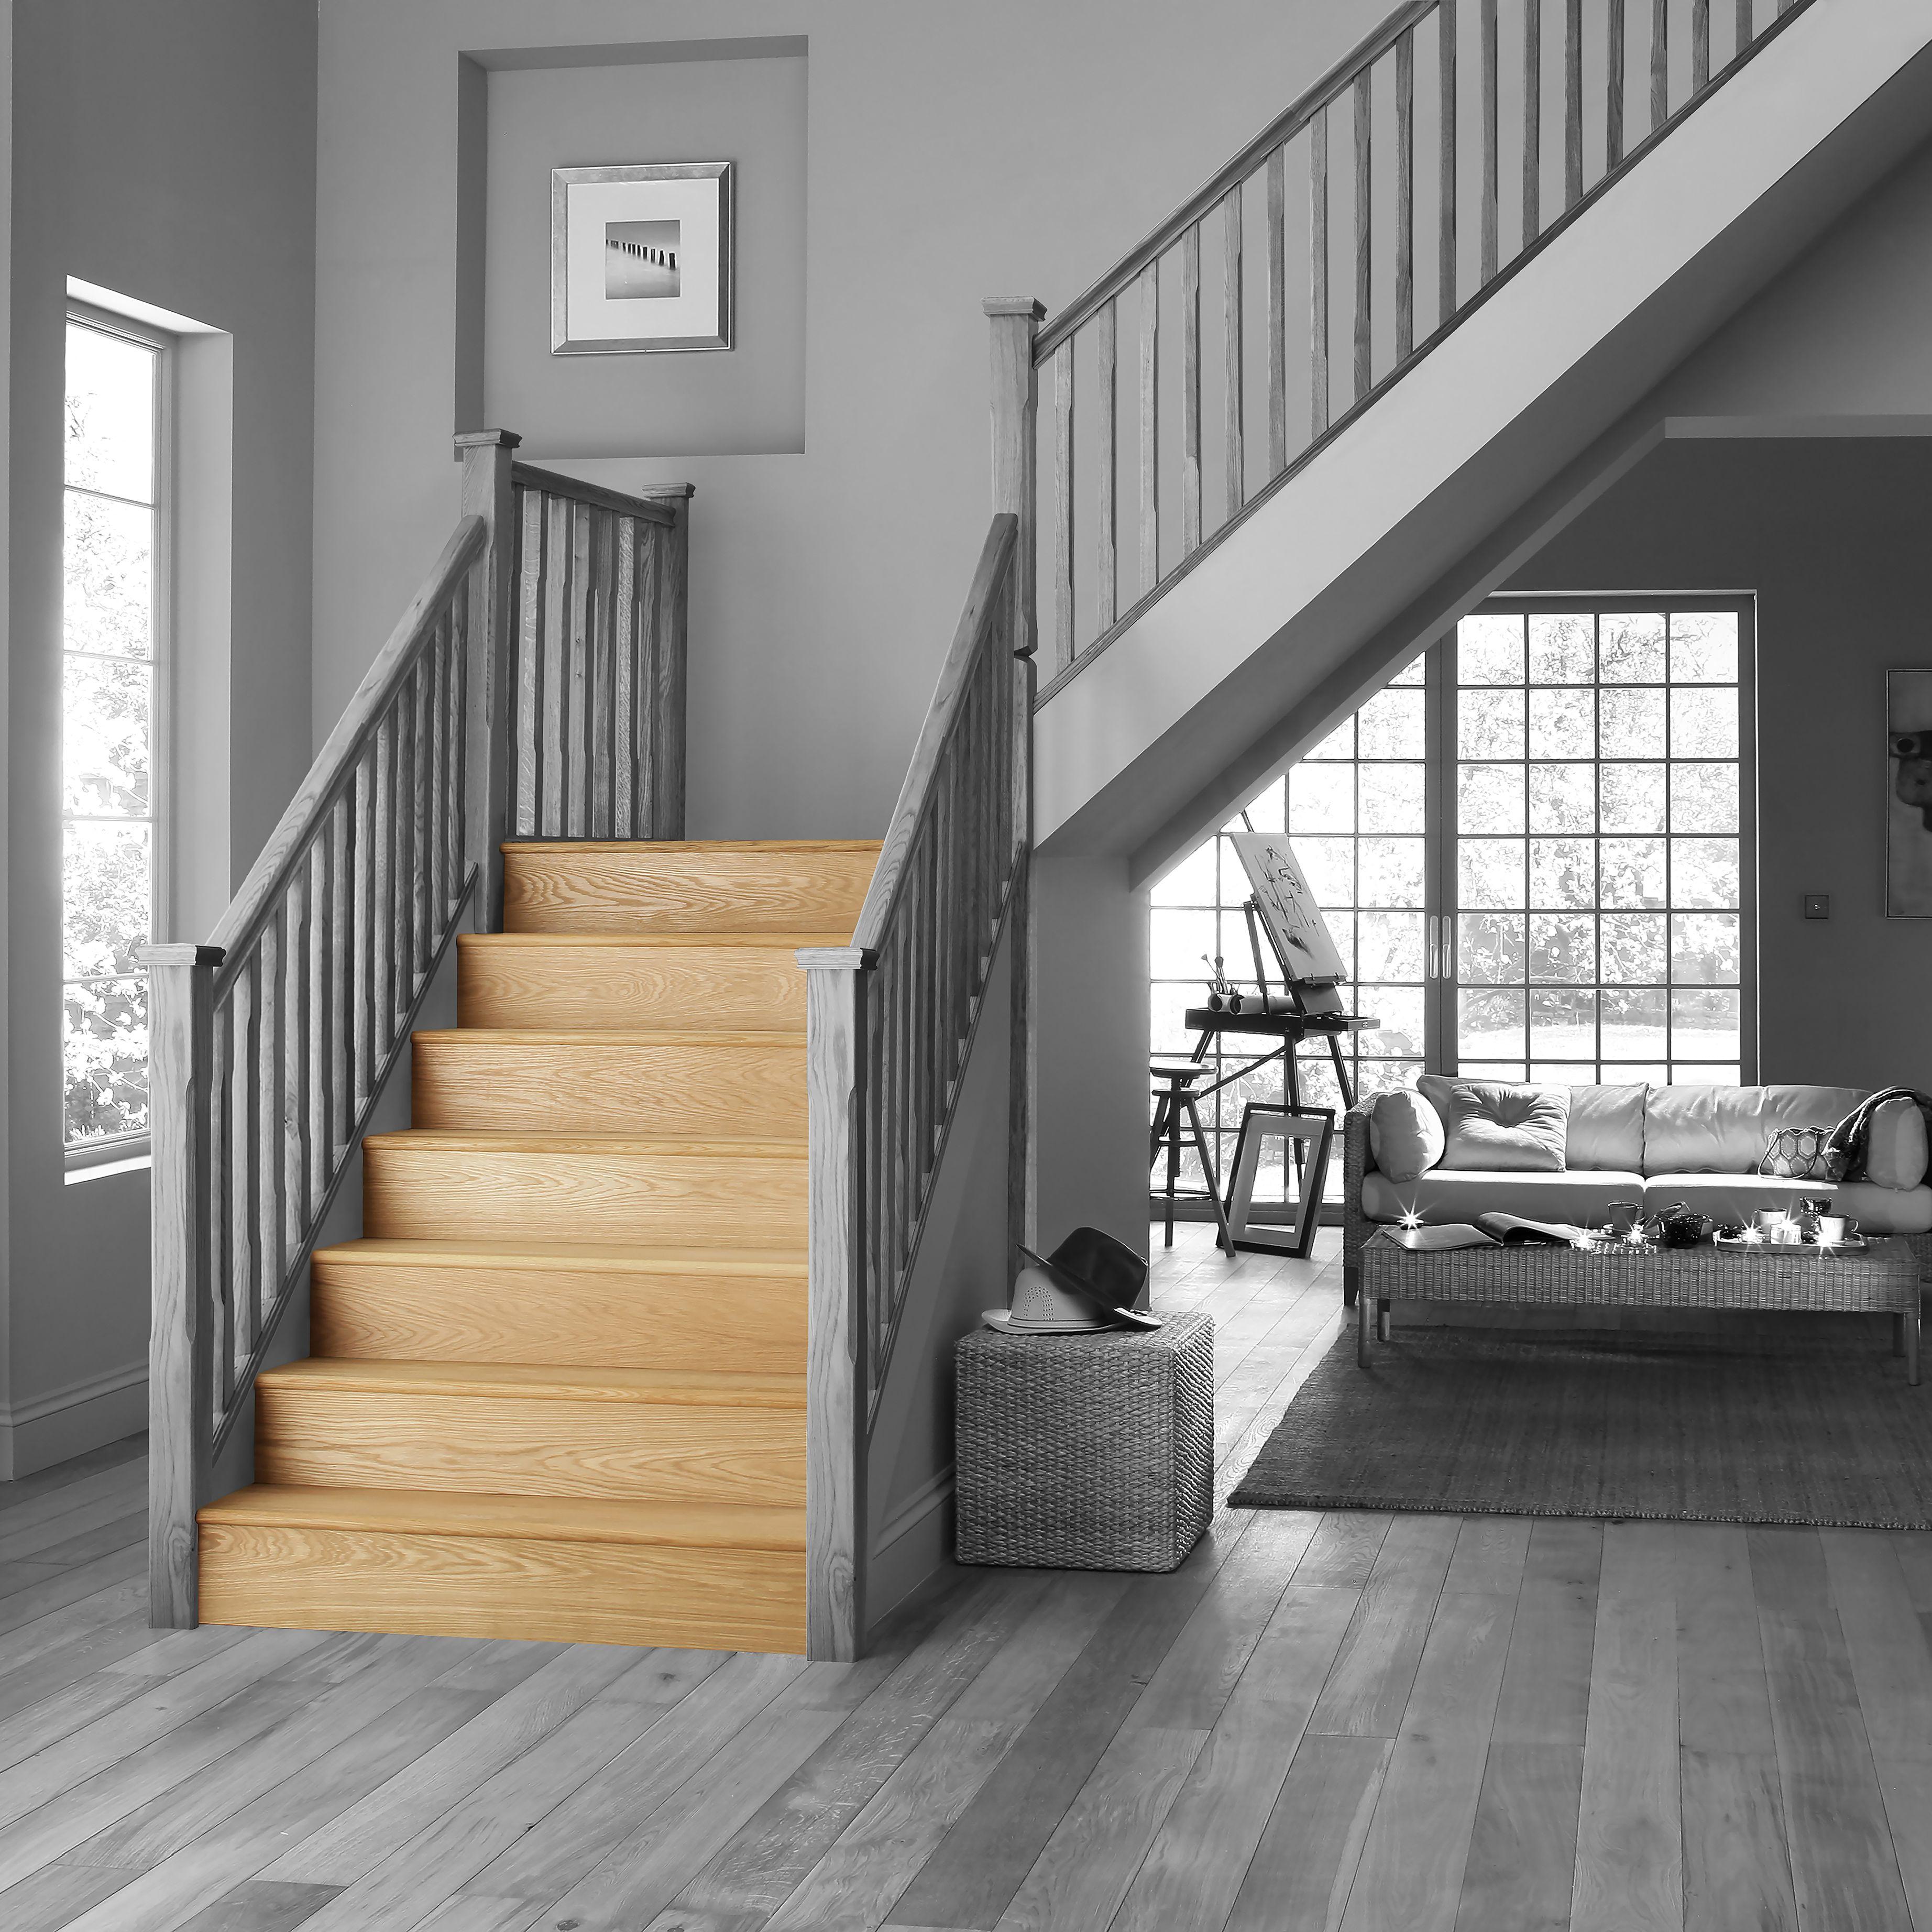 Stair Klad Oak Veneer Stair Flooring Tread Riser Kit | Departments | DIY at  B&Q